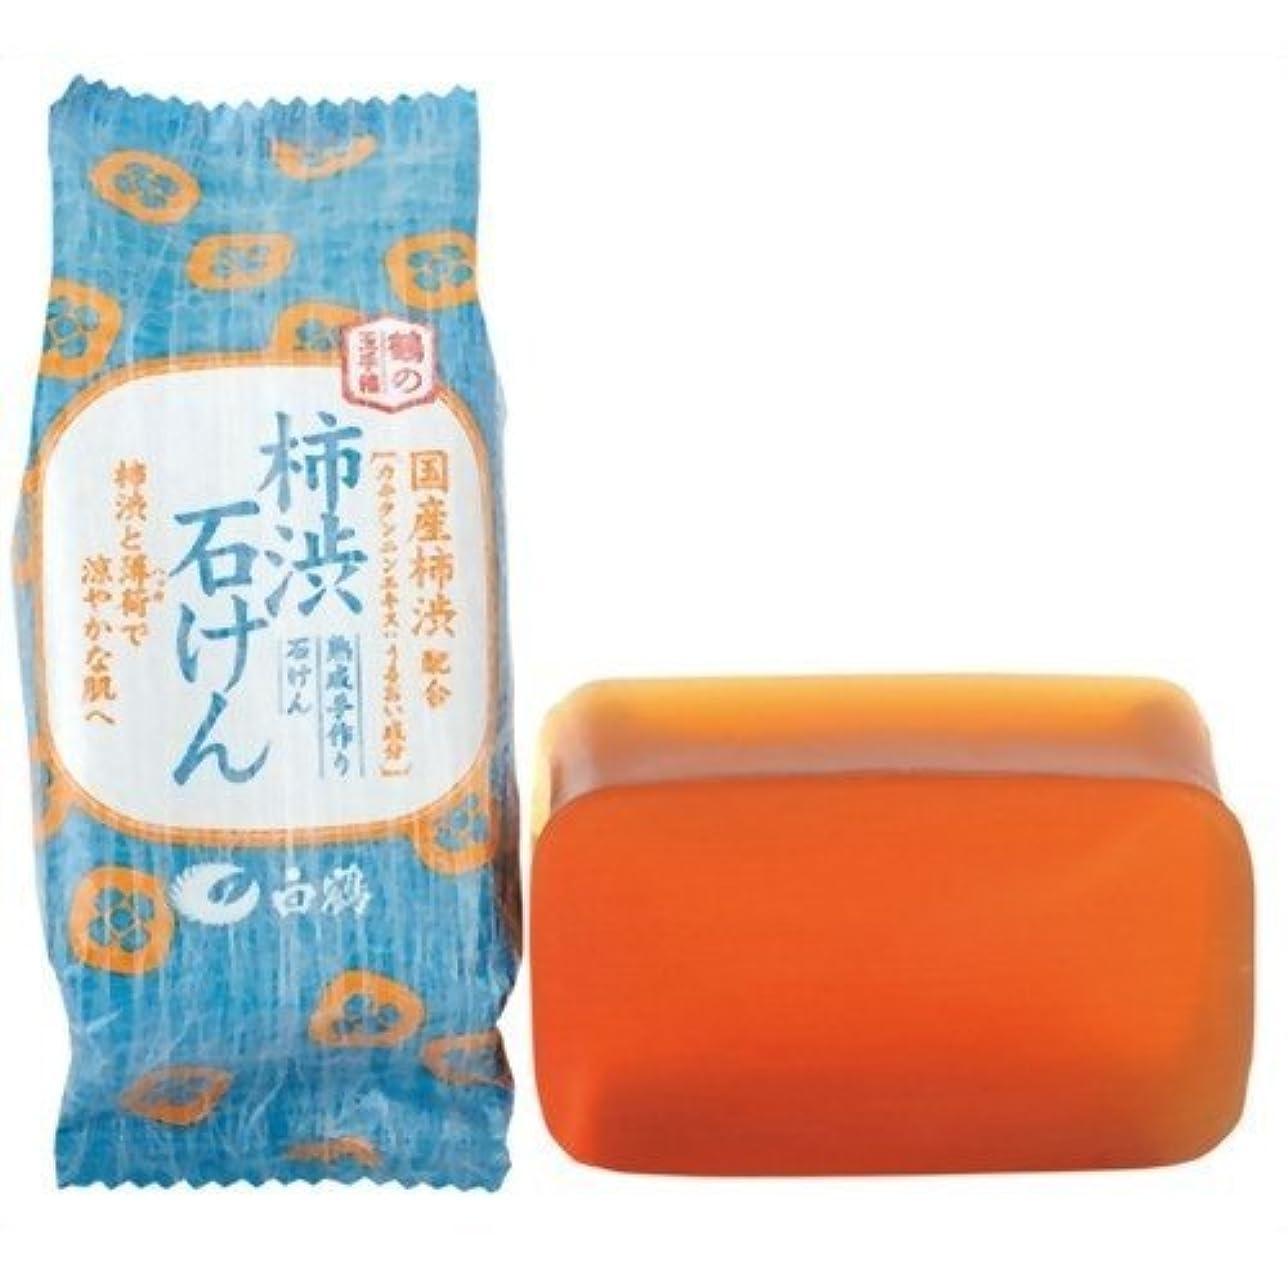 欠乏ピルファー闘争白鶴 鶴の玉手箱 薬用 柿渋石けん 110g × 10個